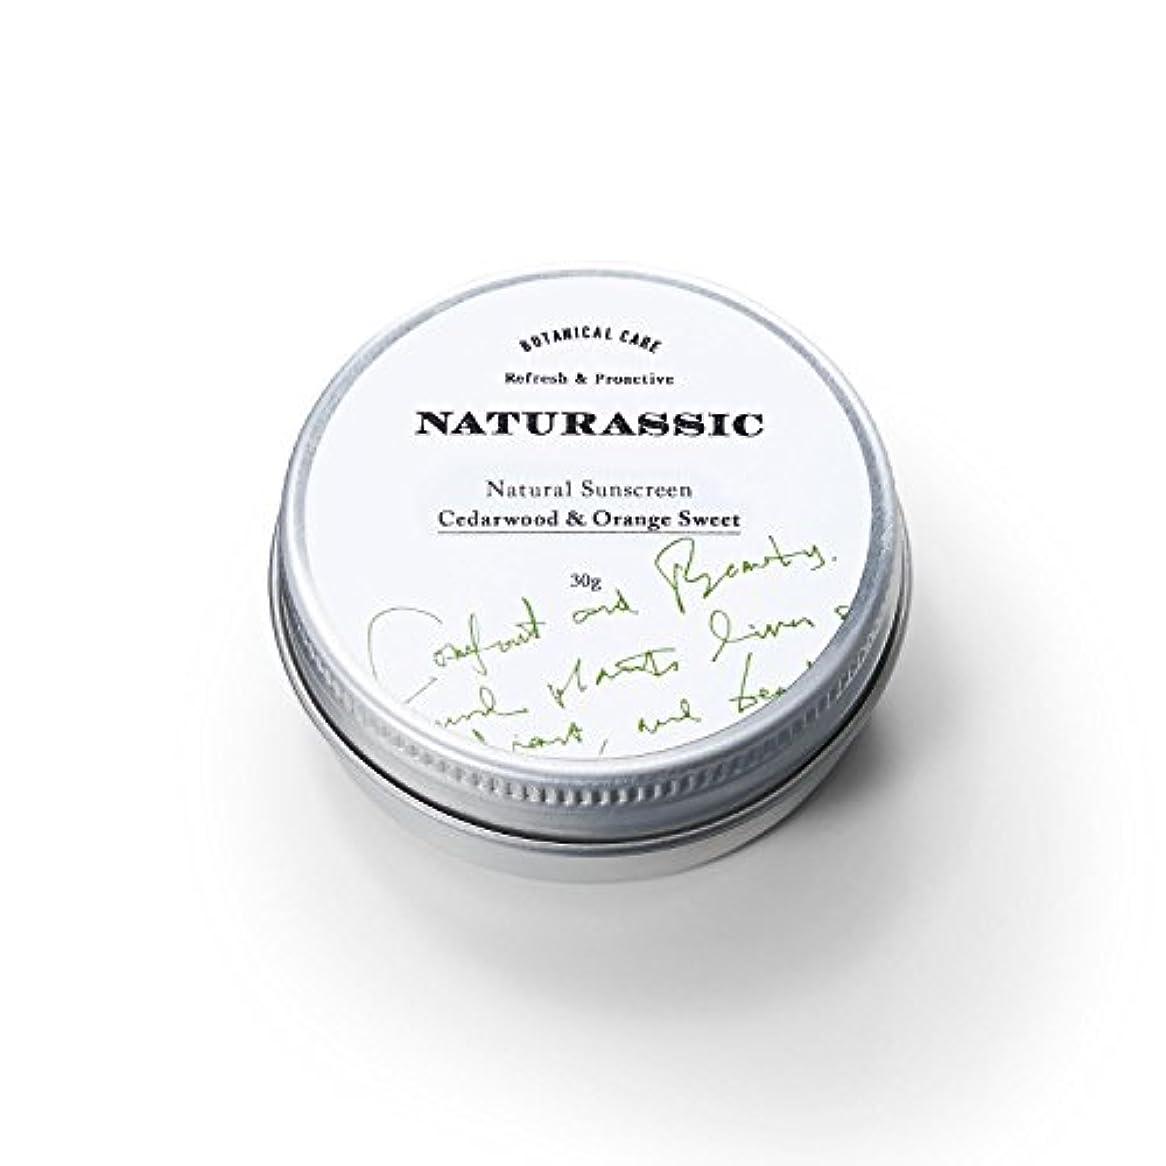 バックアップ潜水艦それによってナチュラシック ナチュラルサンスクリーンCO シダーウッド&オレンジスイートの香り 30g [天然由来成分100%]